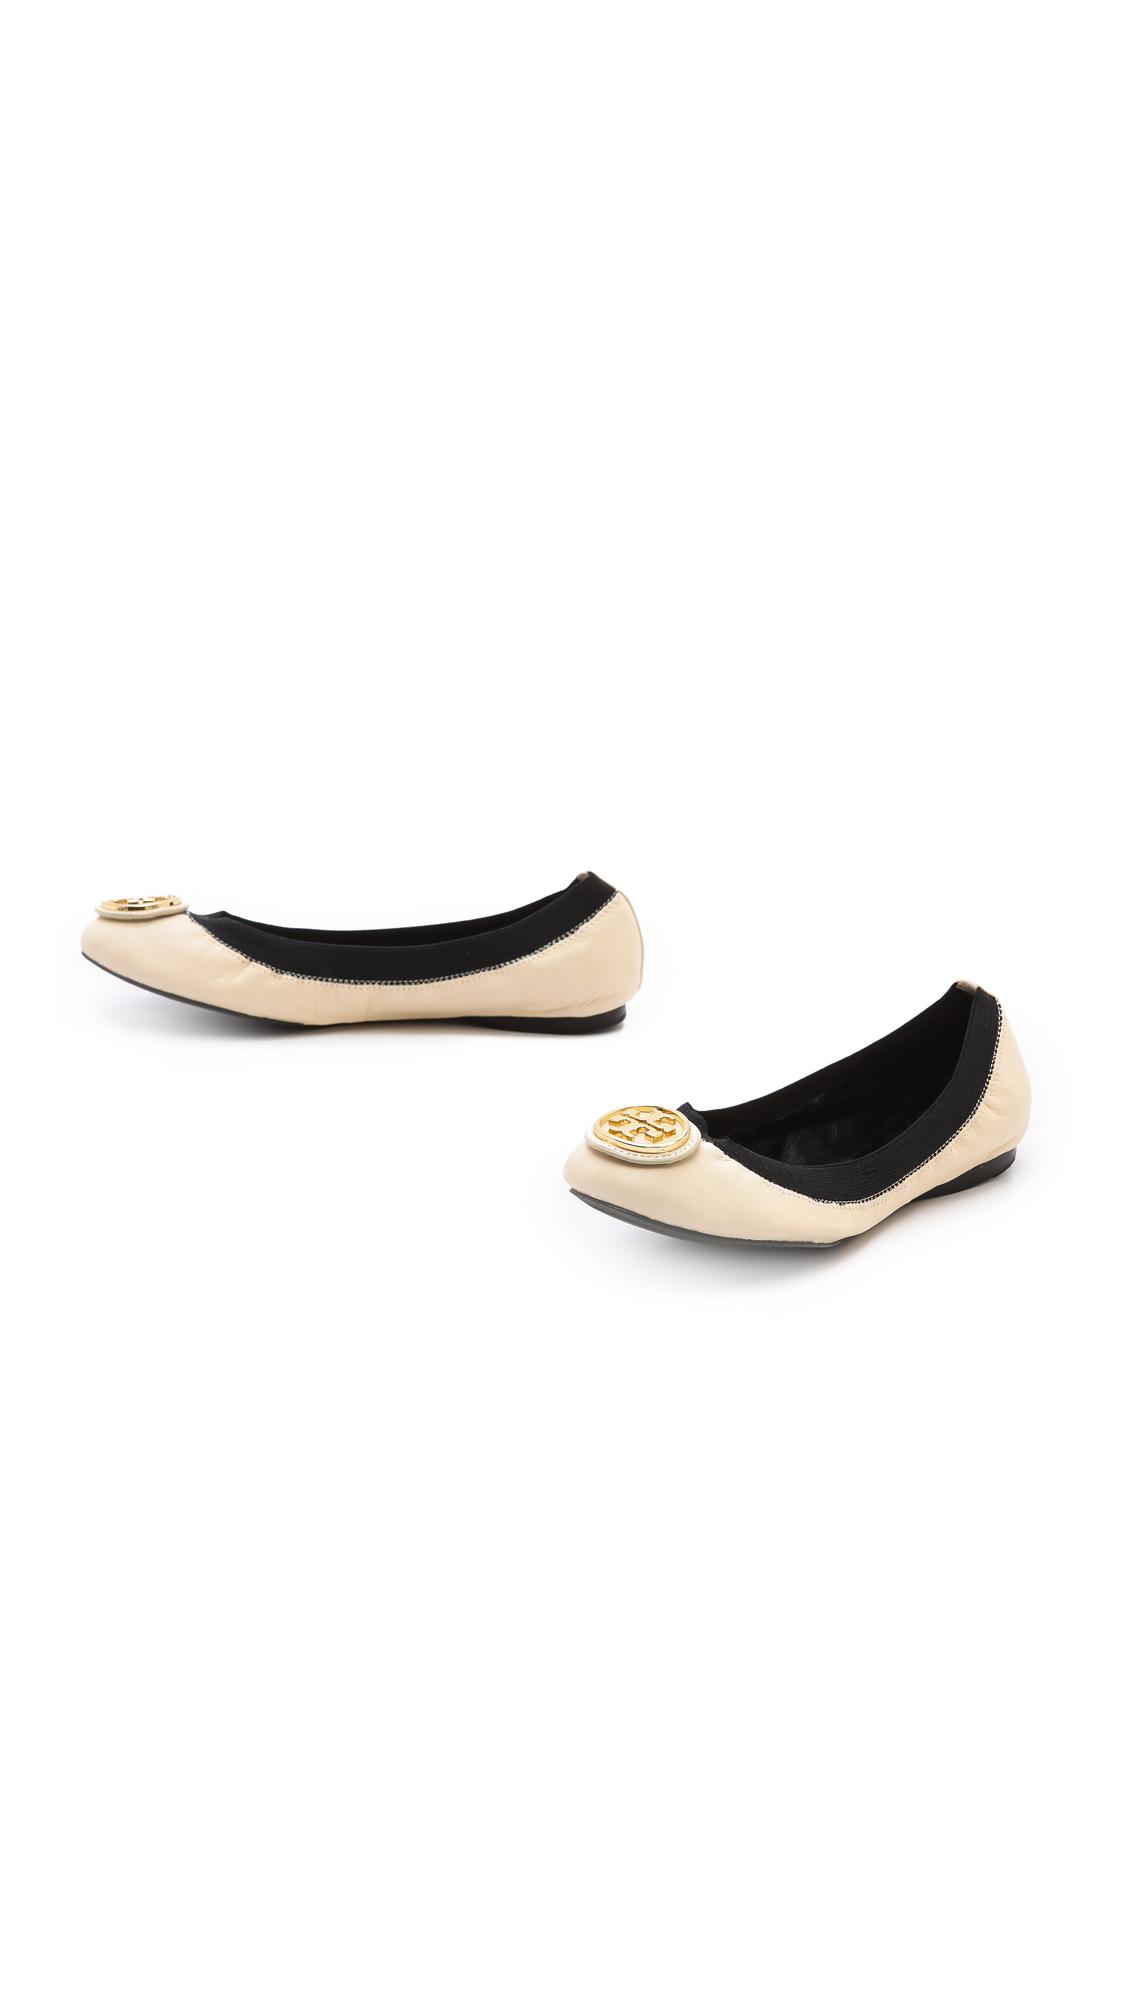 89ba46d2fb0d Tory Burch Caroline 2 Elastic Ballet Flats